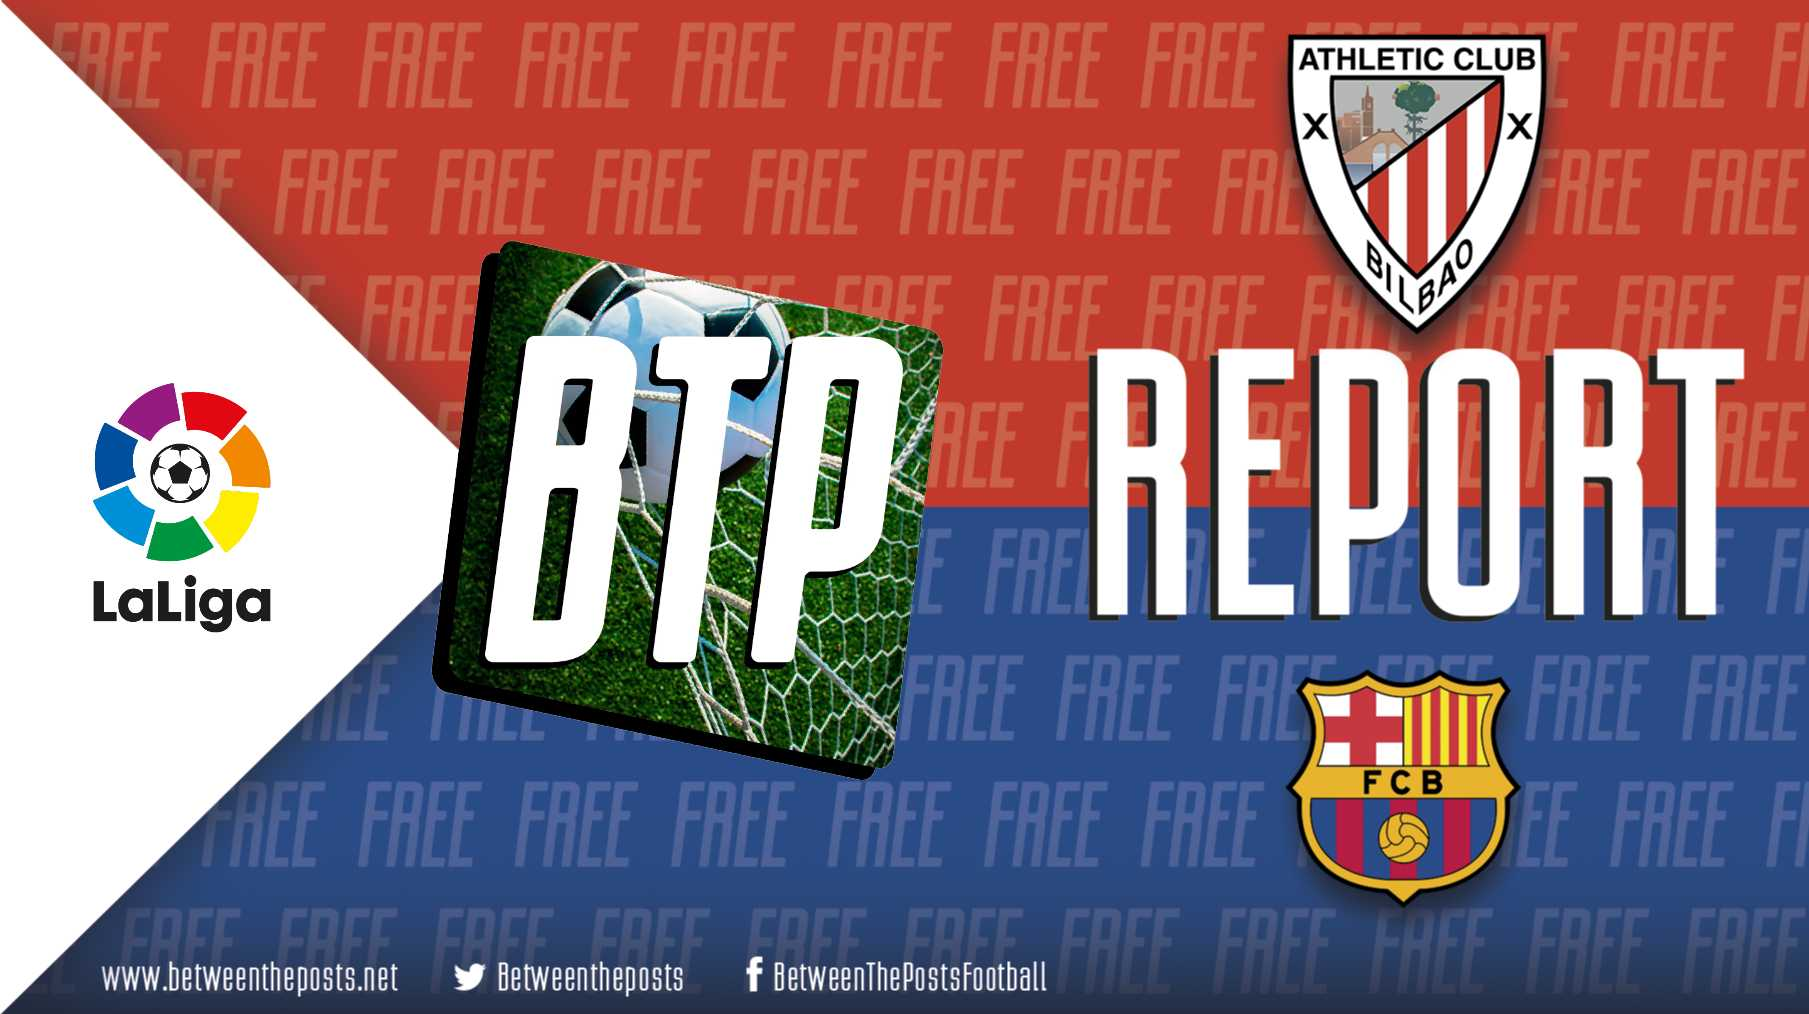 Barcelona tactics